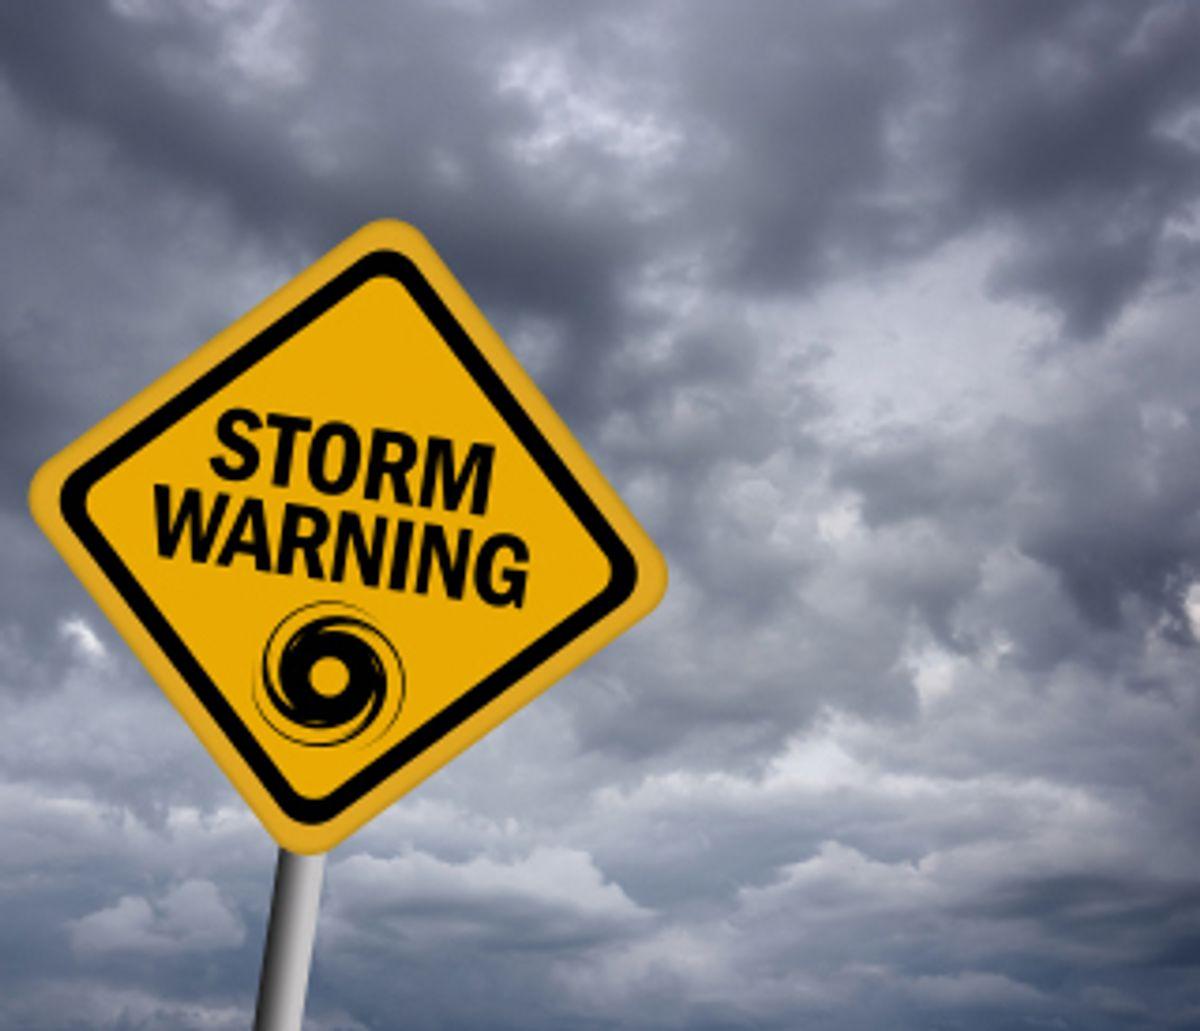 Penske Customer Advisory – Hurricane Irene